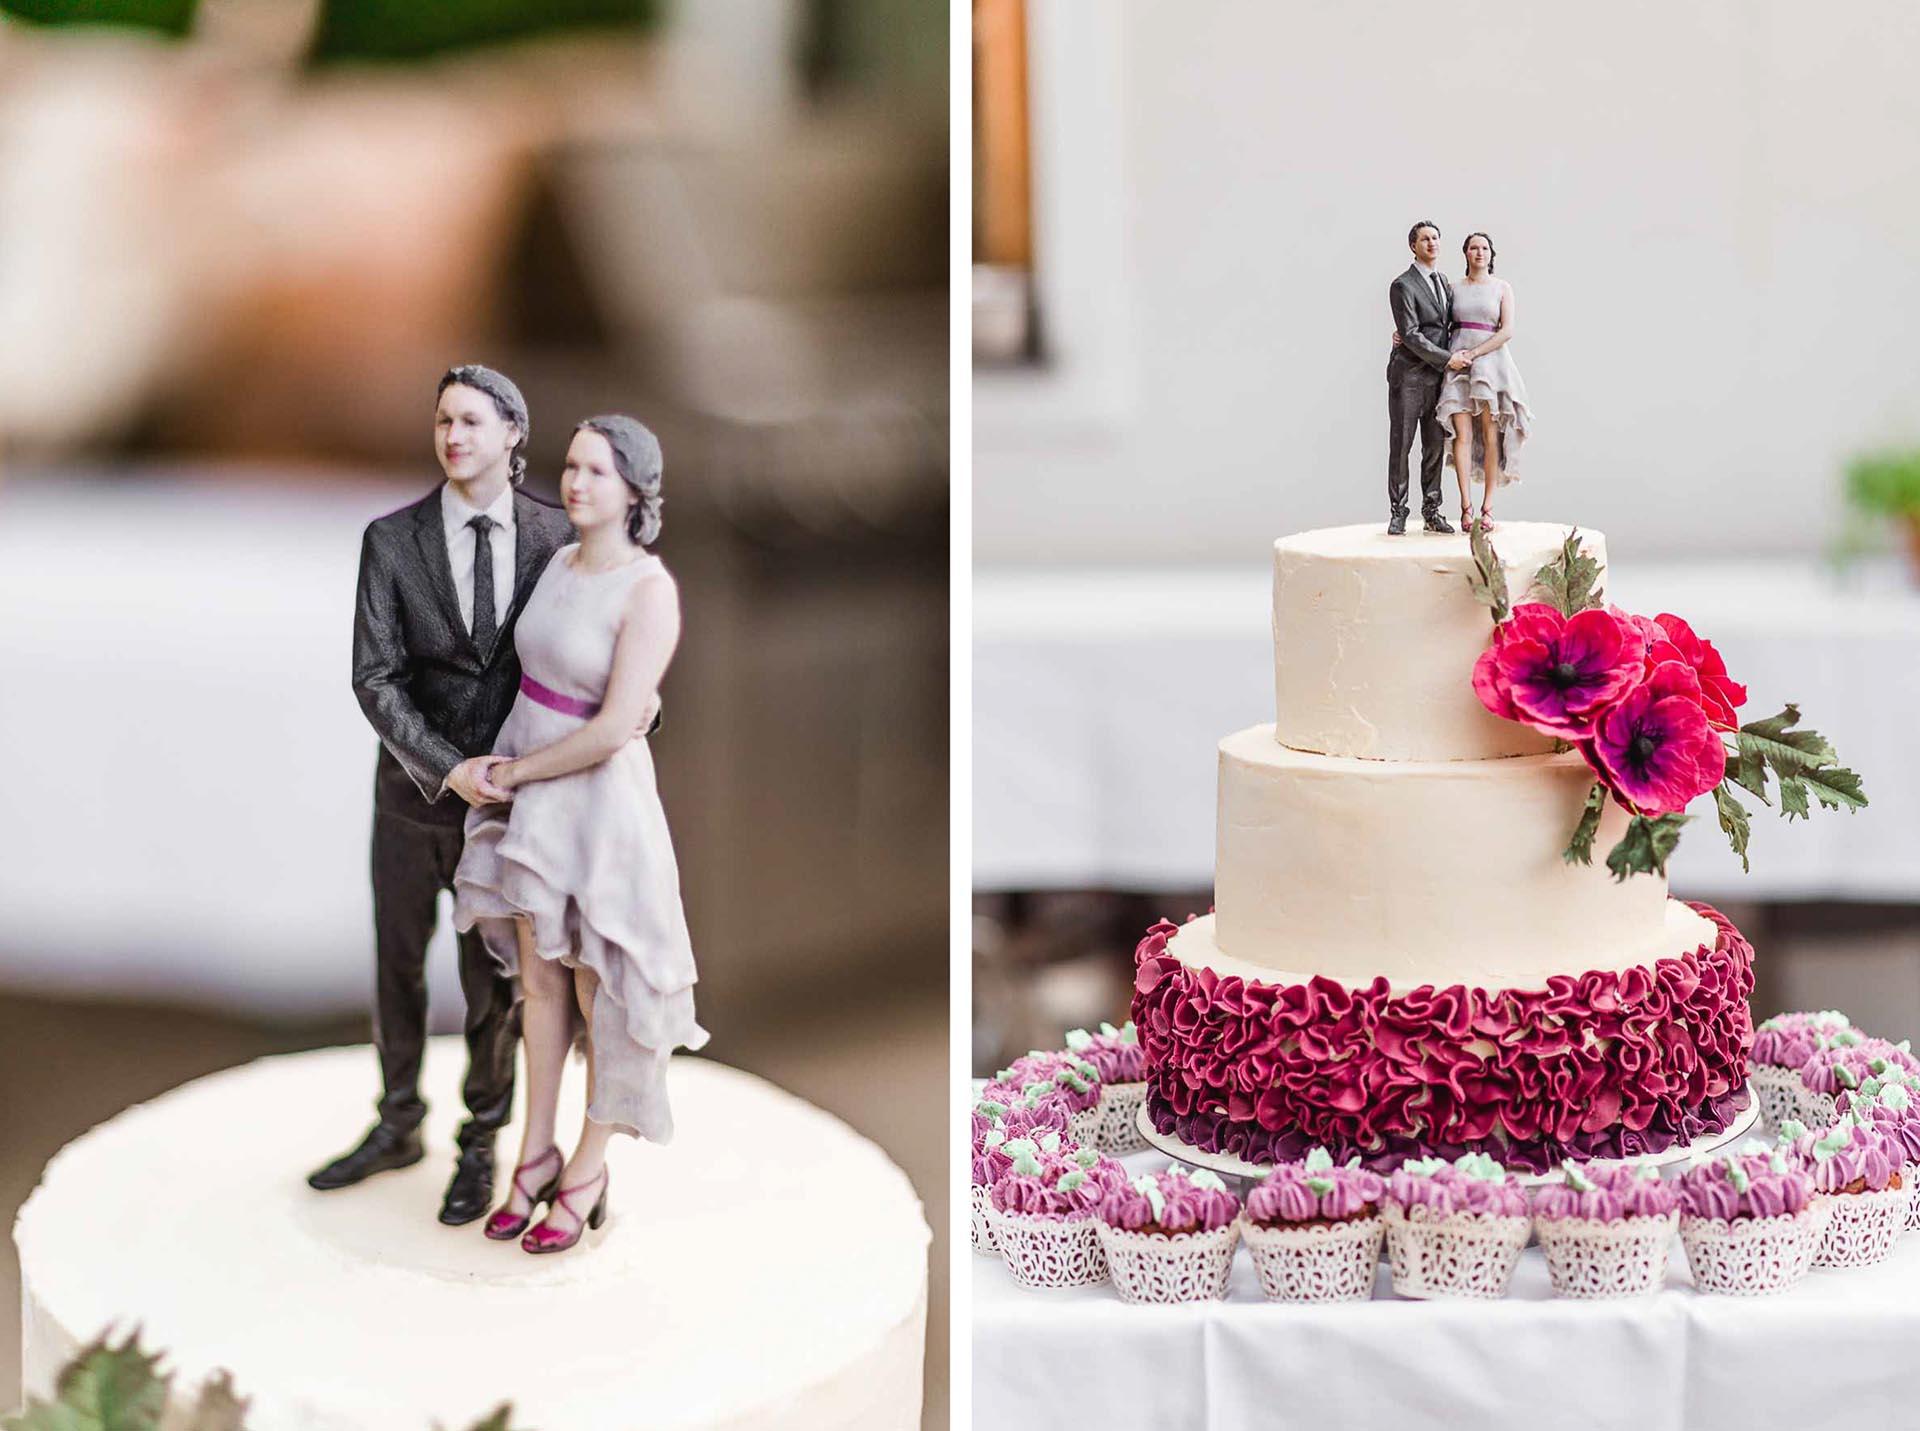 Hochzeit in Niederösterreich Hochzeitsfotos im Wald Scheunenhochzeit Hochzeitsfotograf Bonkawirt Zeremonie im Freien